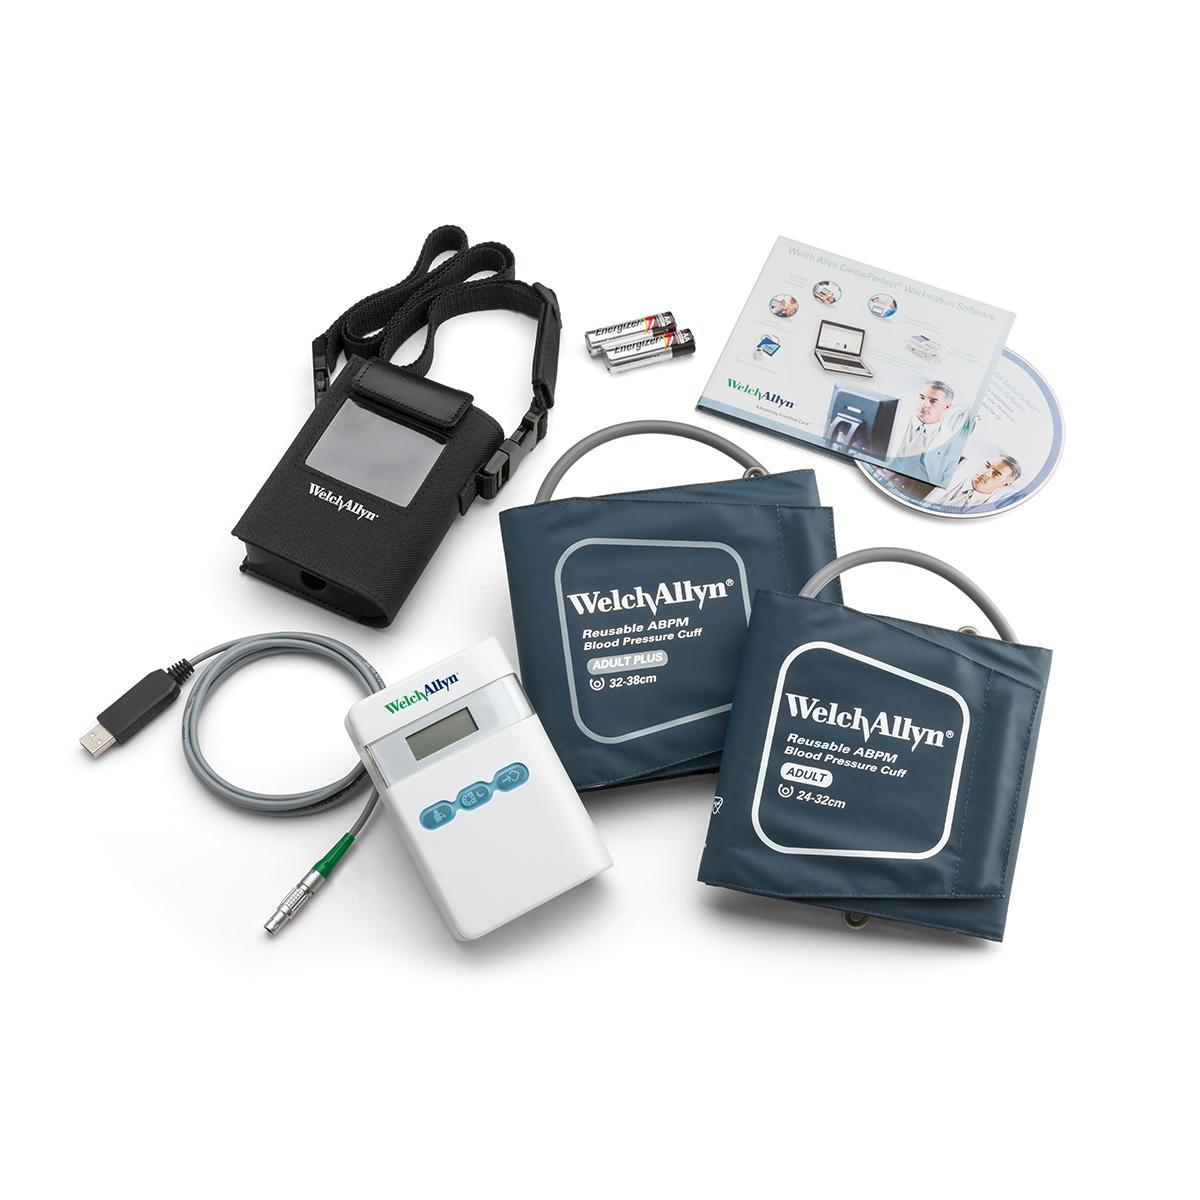 Moniteur ambulatoire de la tension artérielle ABPM7100 et accessoires sur fond blanc, vue en plongée